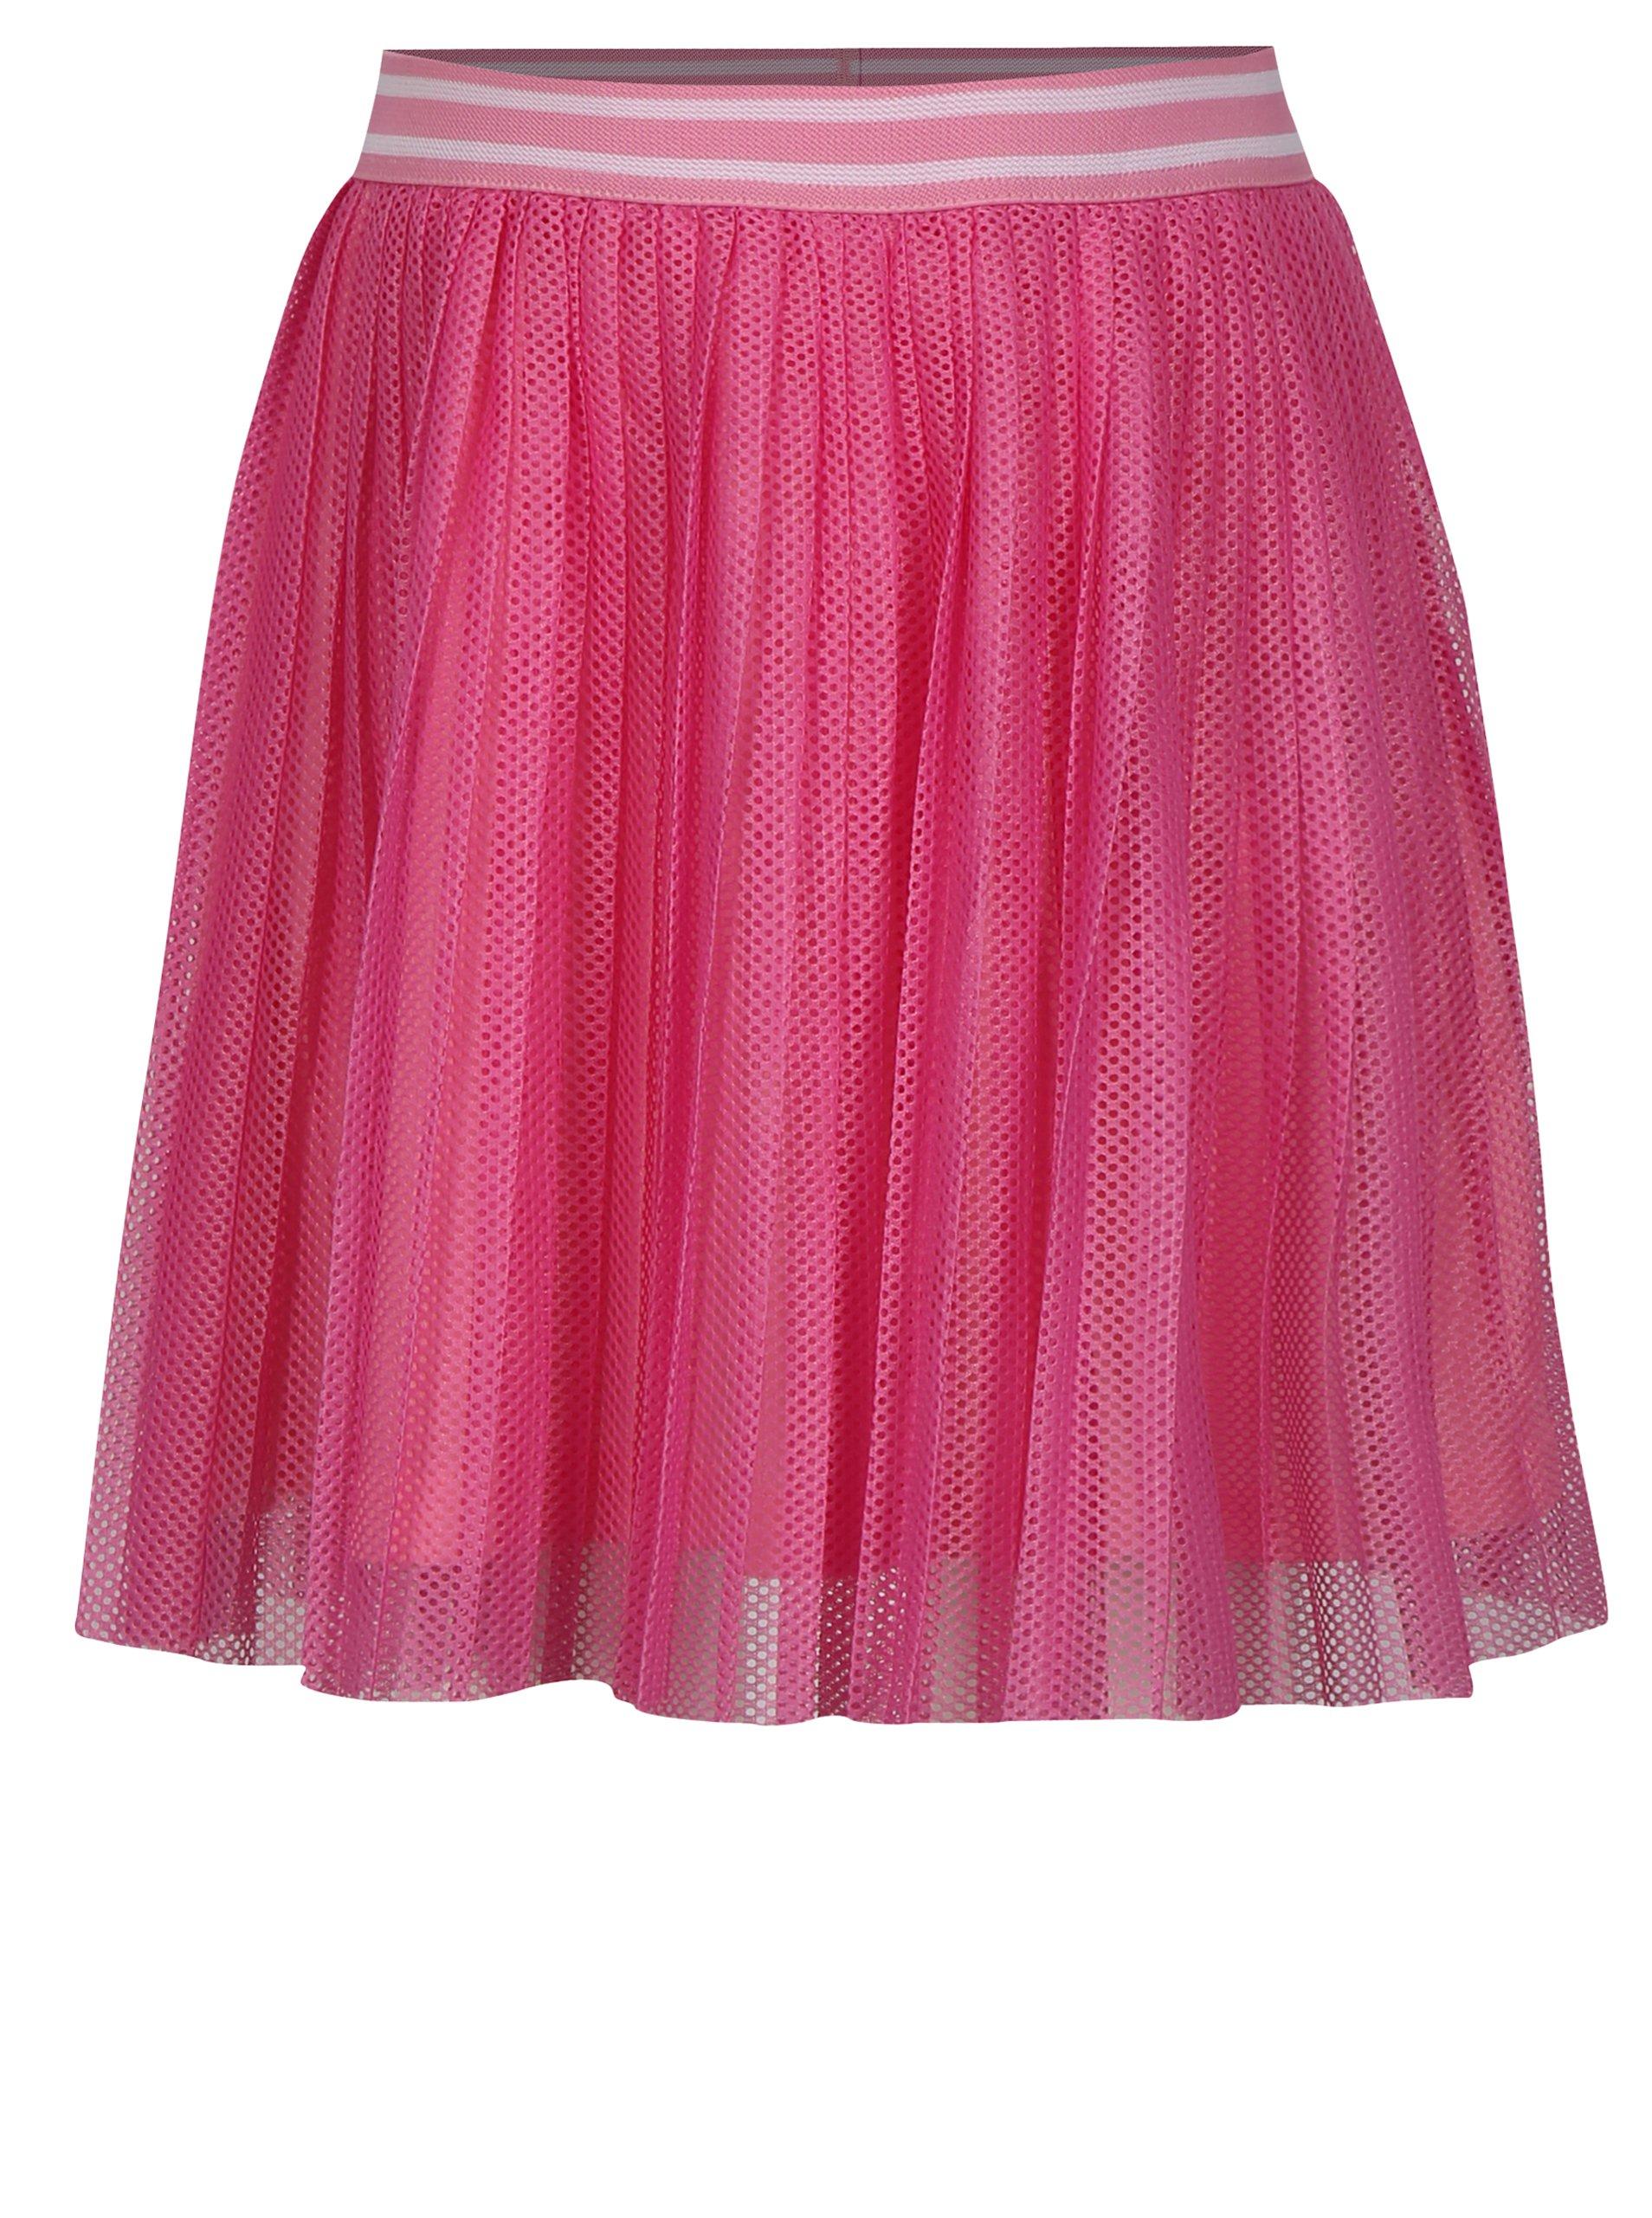 08ffb340e8c8 Ružová dievčenská plisovaná sukňa name it Iwtex